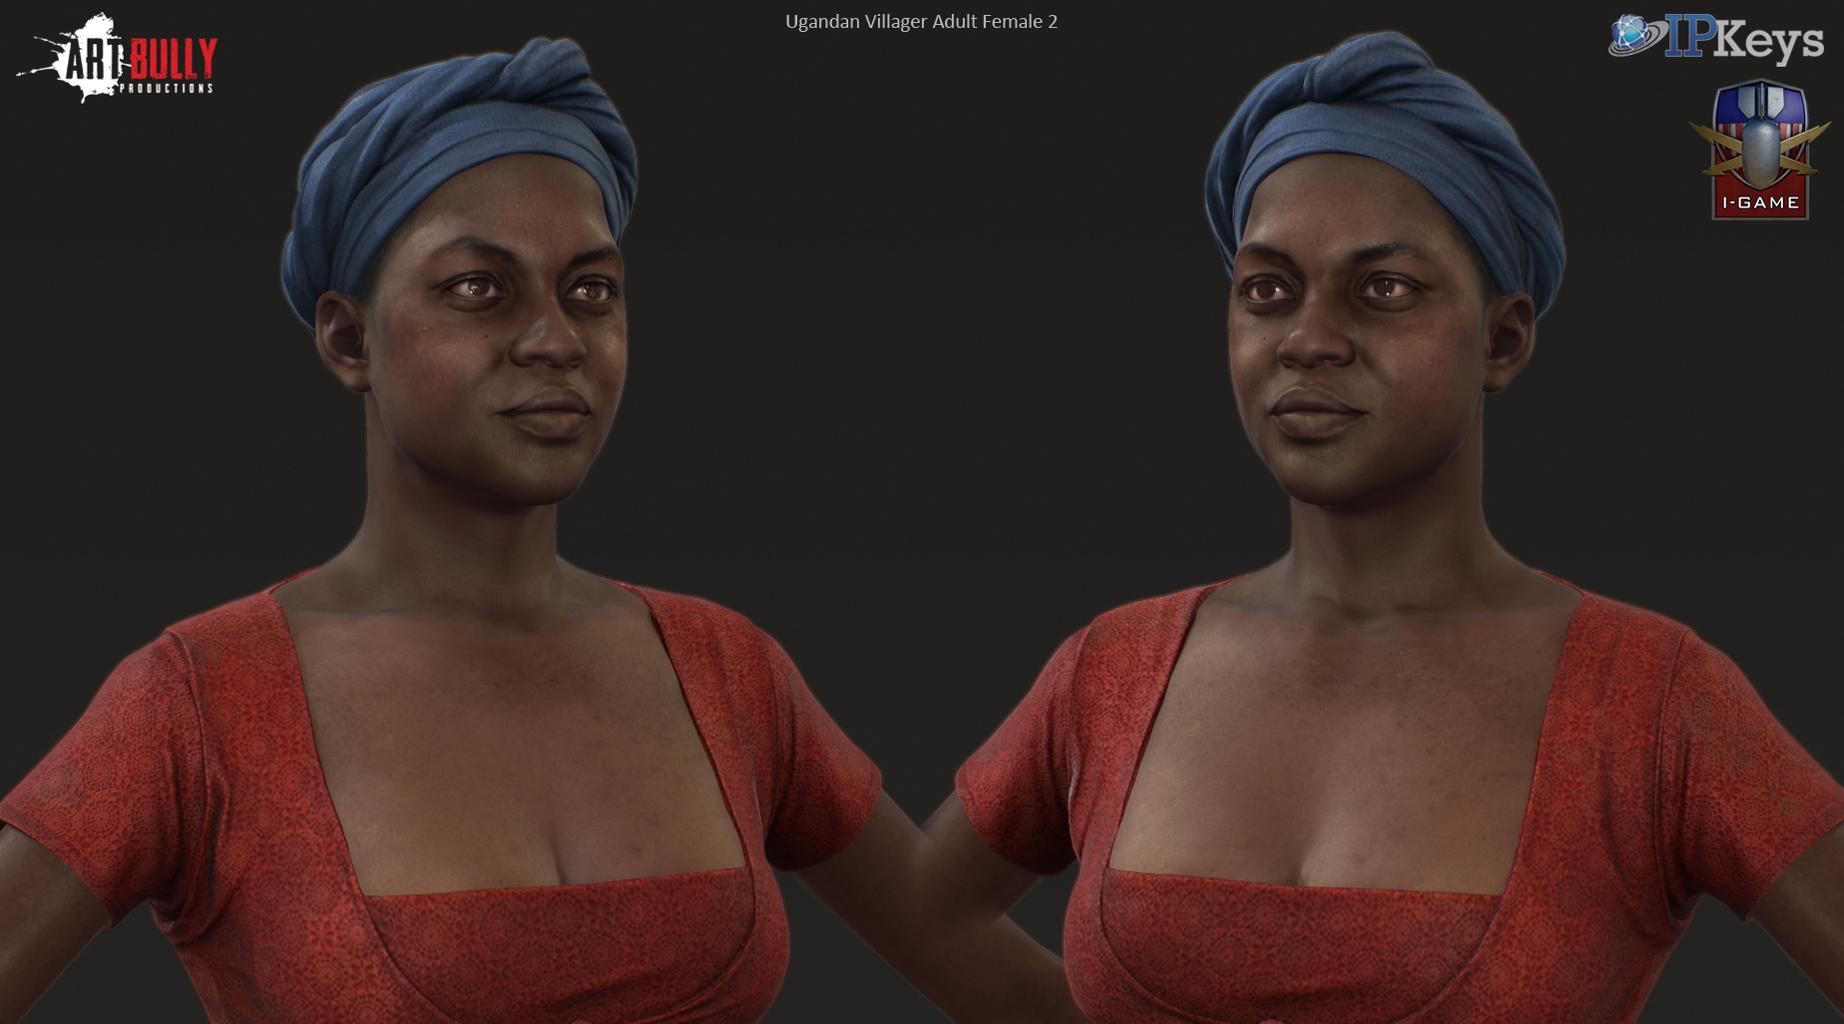 Ugandan_Villager_Adult_Female2b.jpg